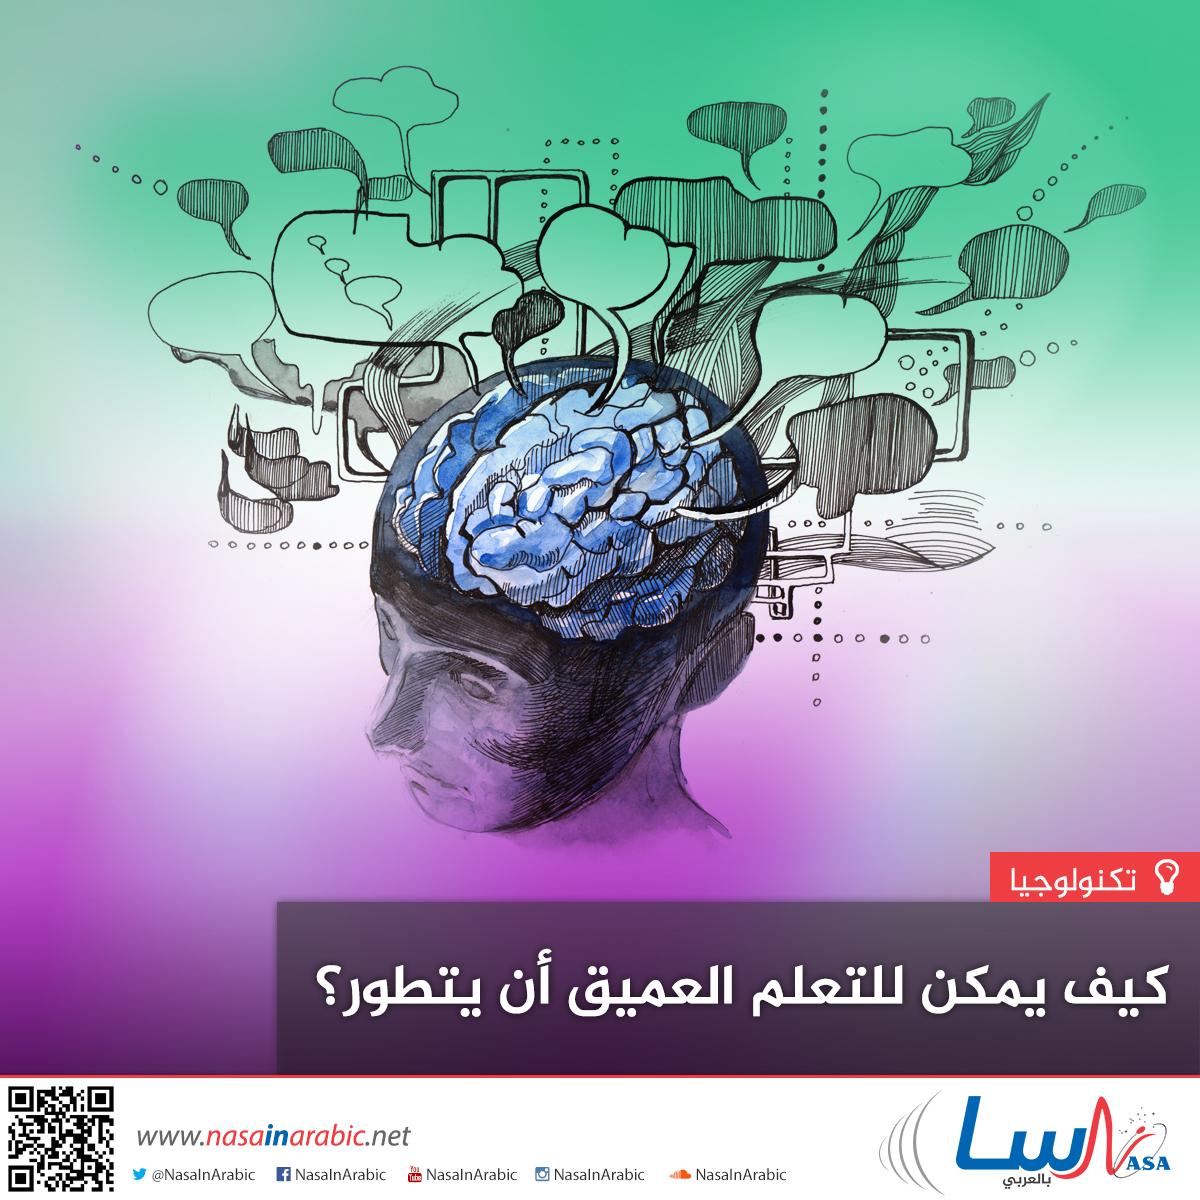 كيف يمكن للتعلم العميق أن يتطور؟